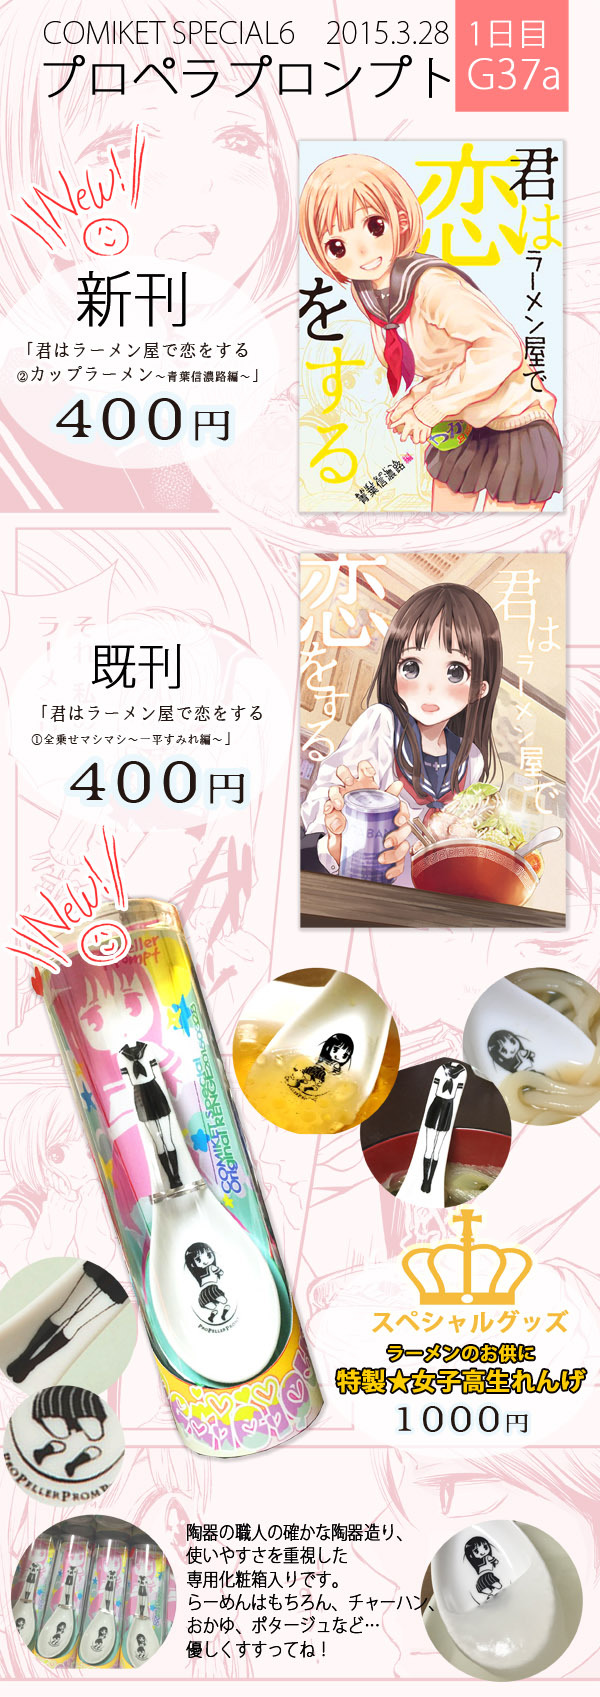 おしながき600px.JPG